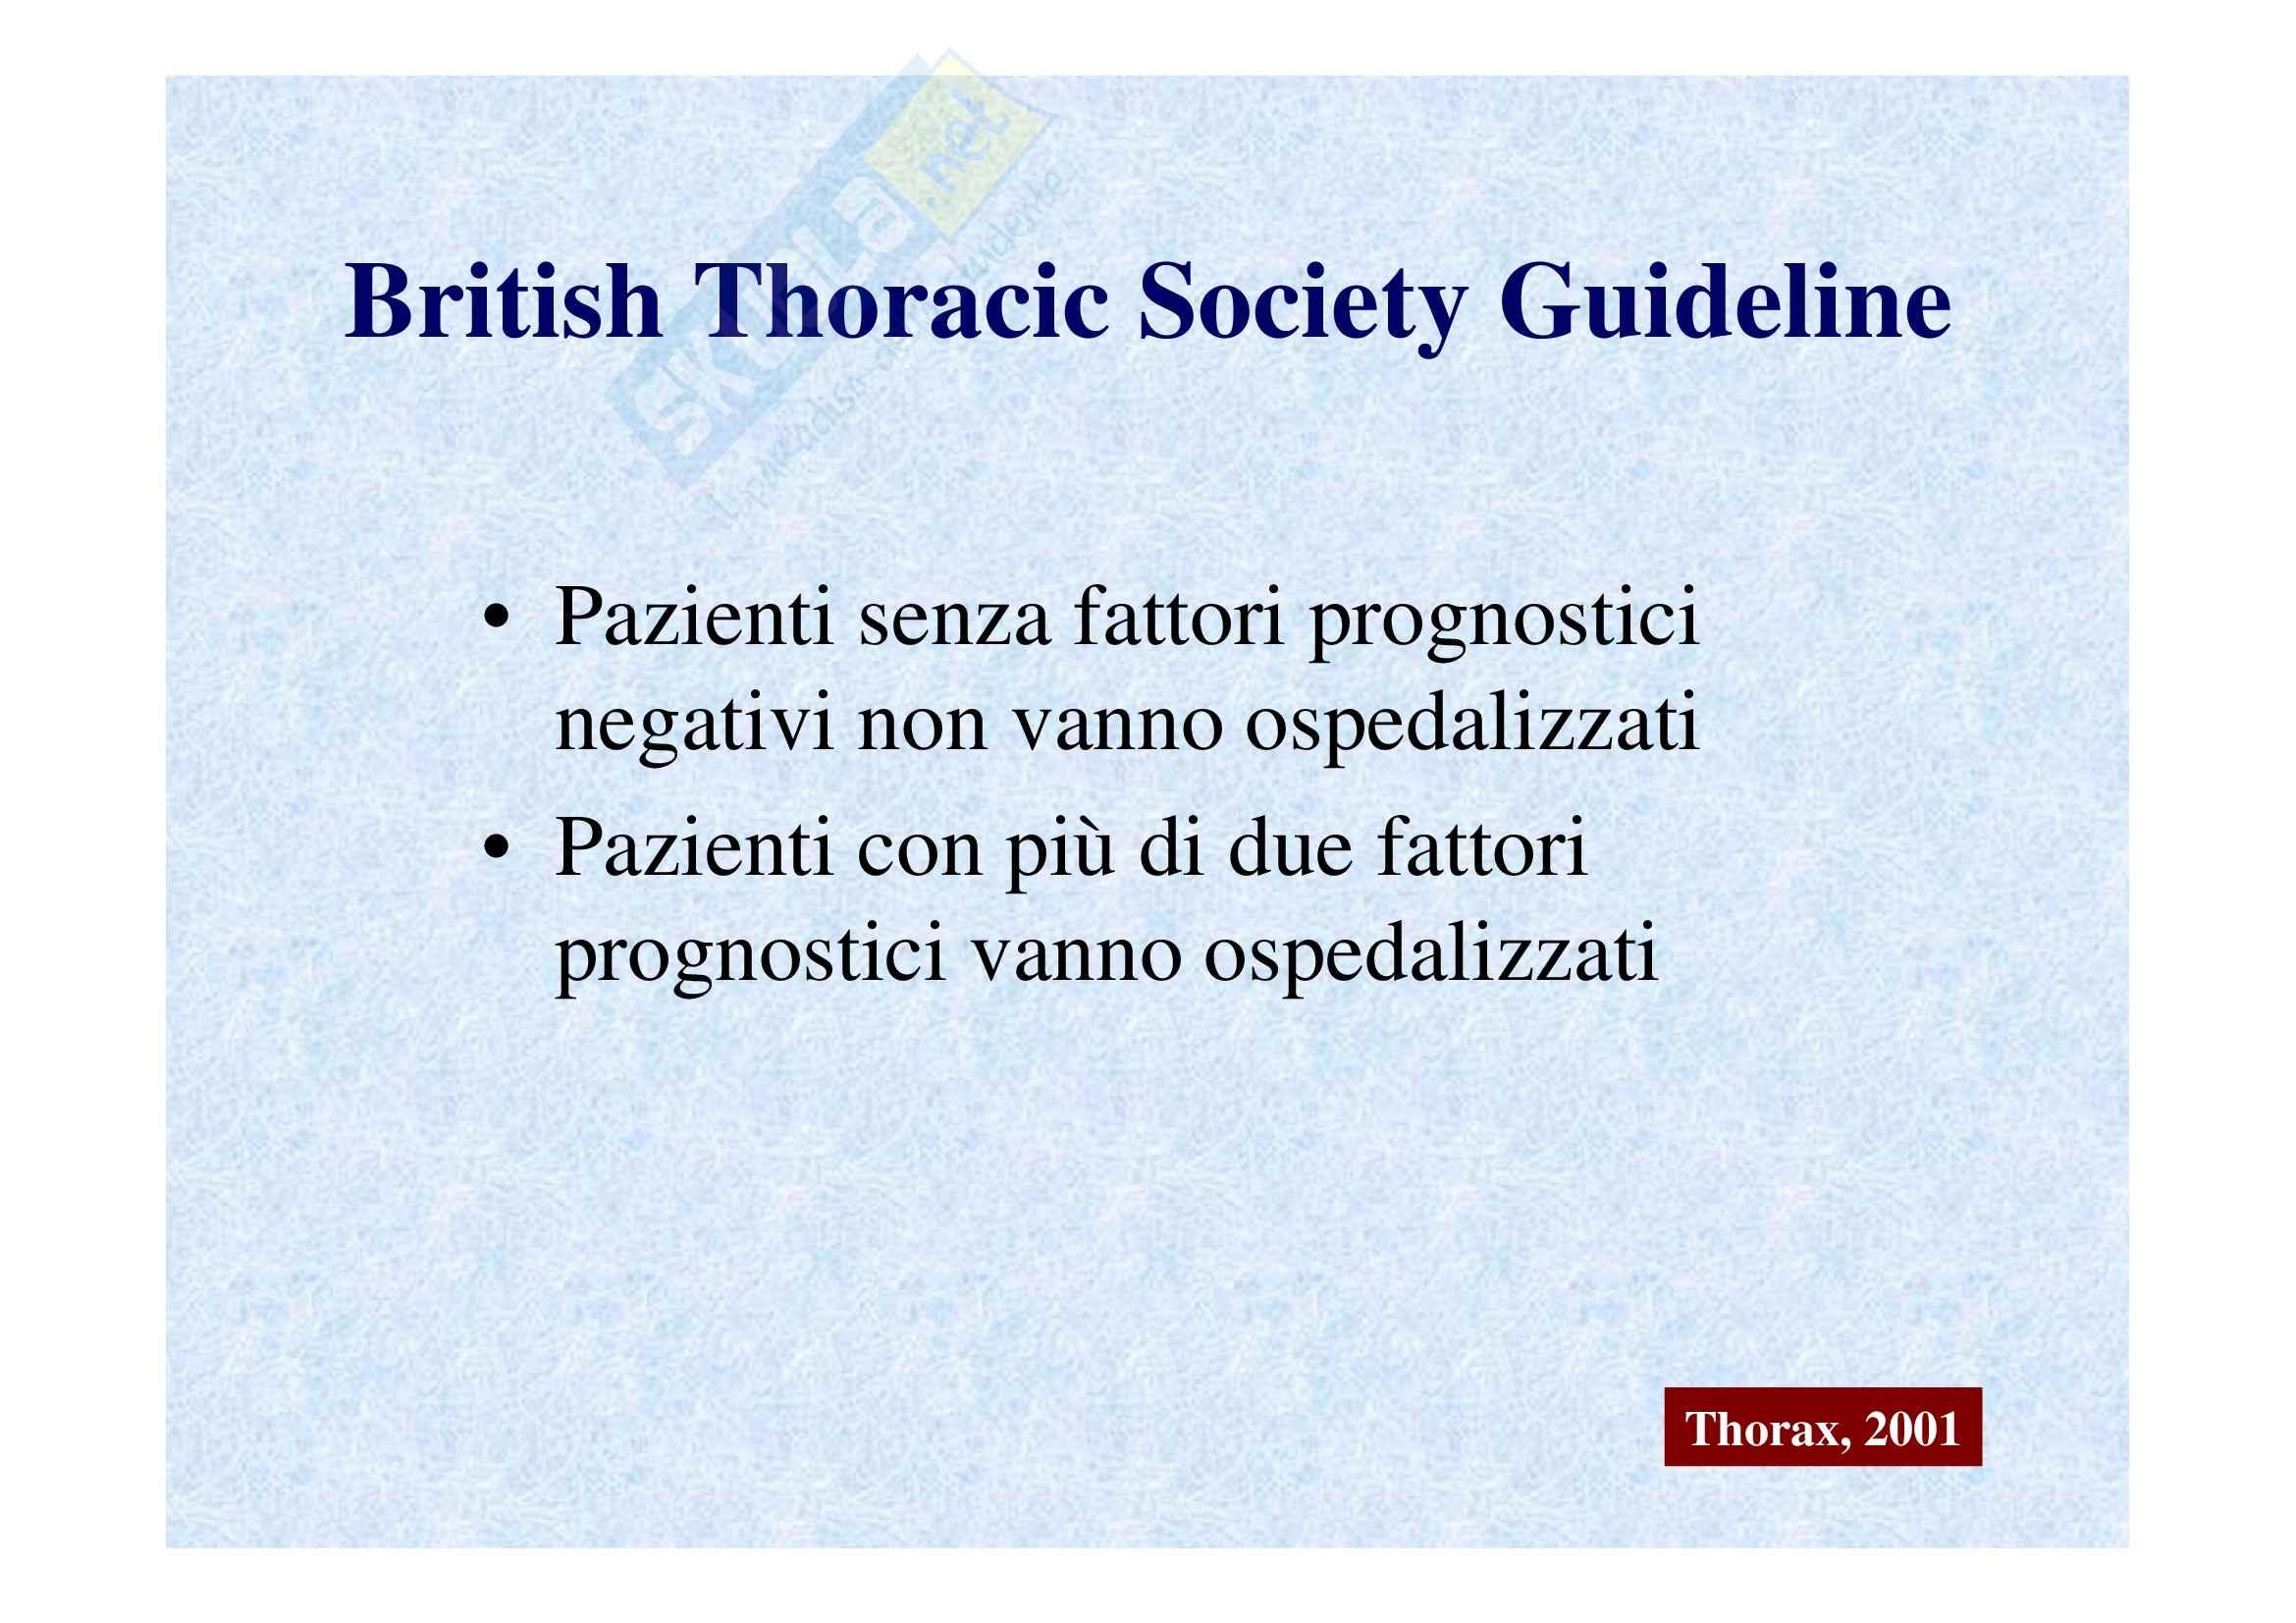 Emergenze medico-chirurgiche II - polmoniti e ospedalizzazione Pag. 16